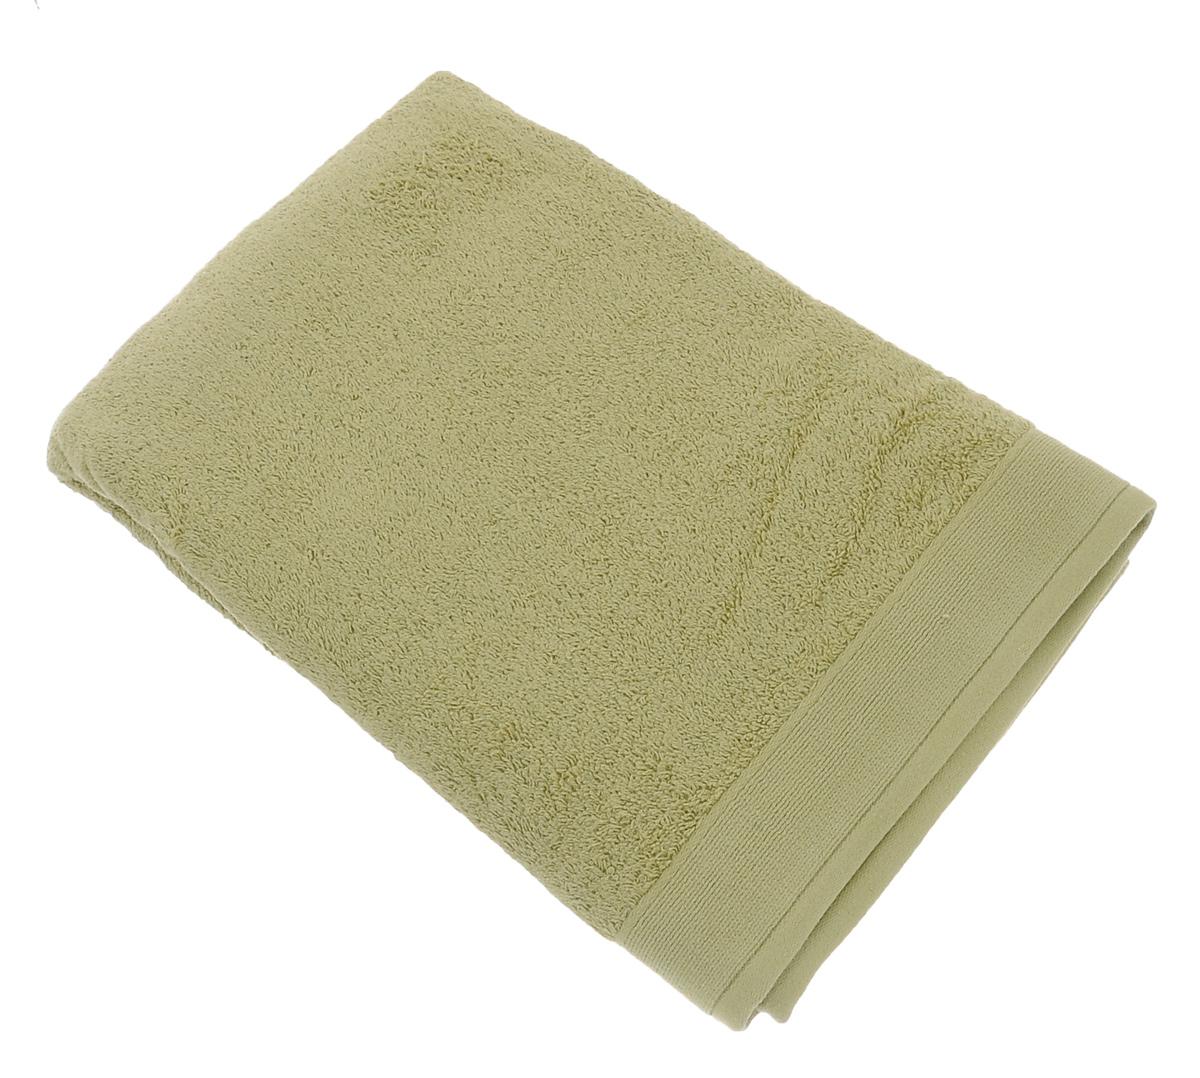 Полотенце махровое Guten Morgen, цвет: фисташковый, 100 см х 150 смCLP446Махровое полотенце Guten Morgen, изготовленное из натурального хлопка, прекрасно впитывает влагу и быстро сохнет. Высокая плотность ткани делает полотенце мягкими, прочными и пушистыми. При соблюдении рекомендаций по уходу изделие сохраняет яркость цвета и не теряет форму даже после многократных стирок. Махровое полотенце Guten Morgen станет достойным выбором для вас и приятным подарком для ваших близких. Мягкость и высокое качество материала, из которого изготовлено полотенце, не оставит вас равнодушными.